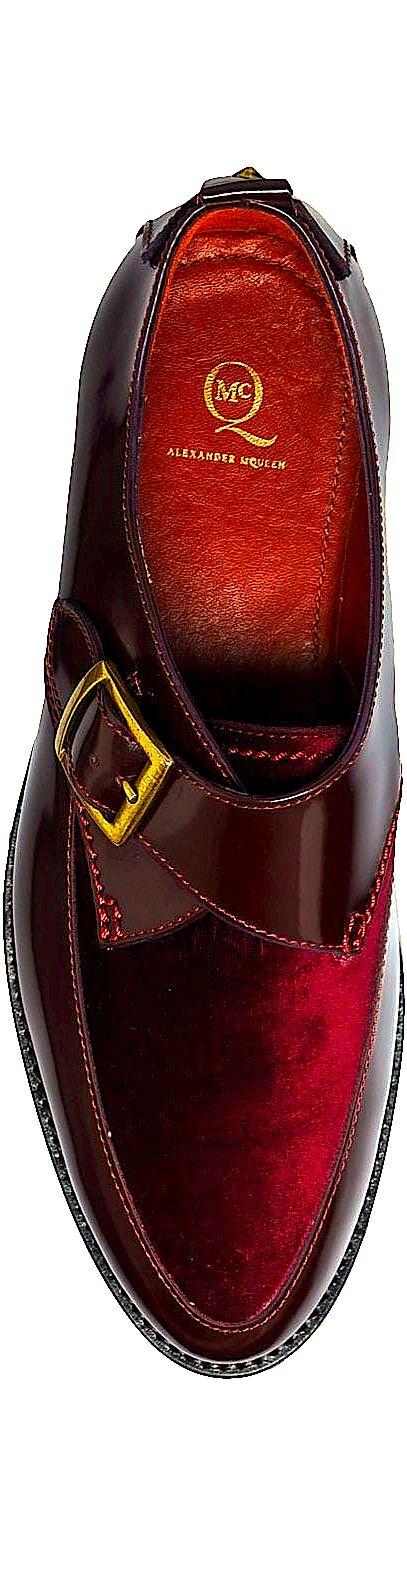 McQueen, Alexander mcqueen shoes and Alexander McQueen on ...